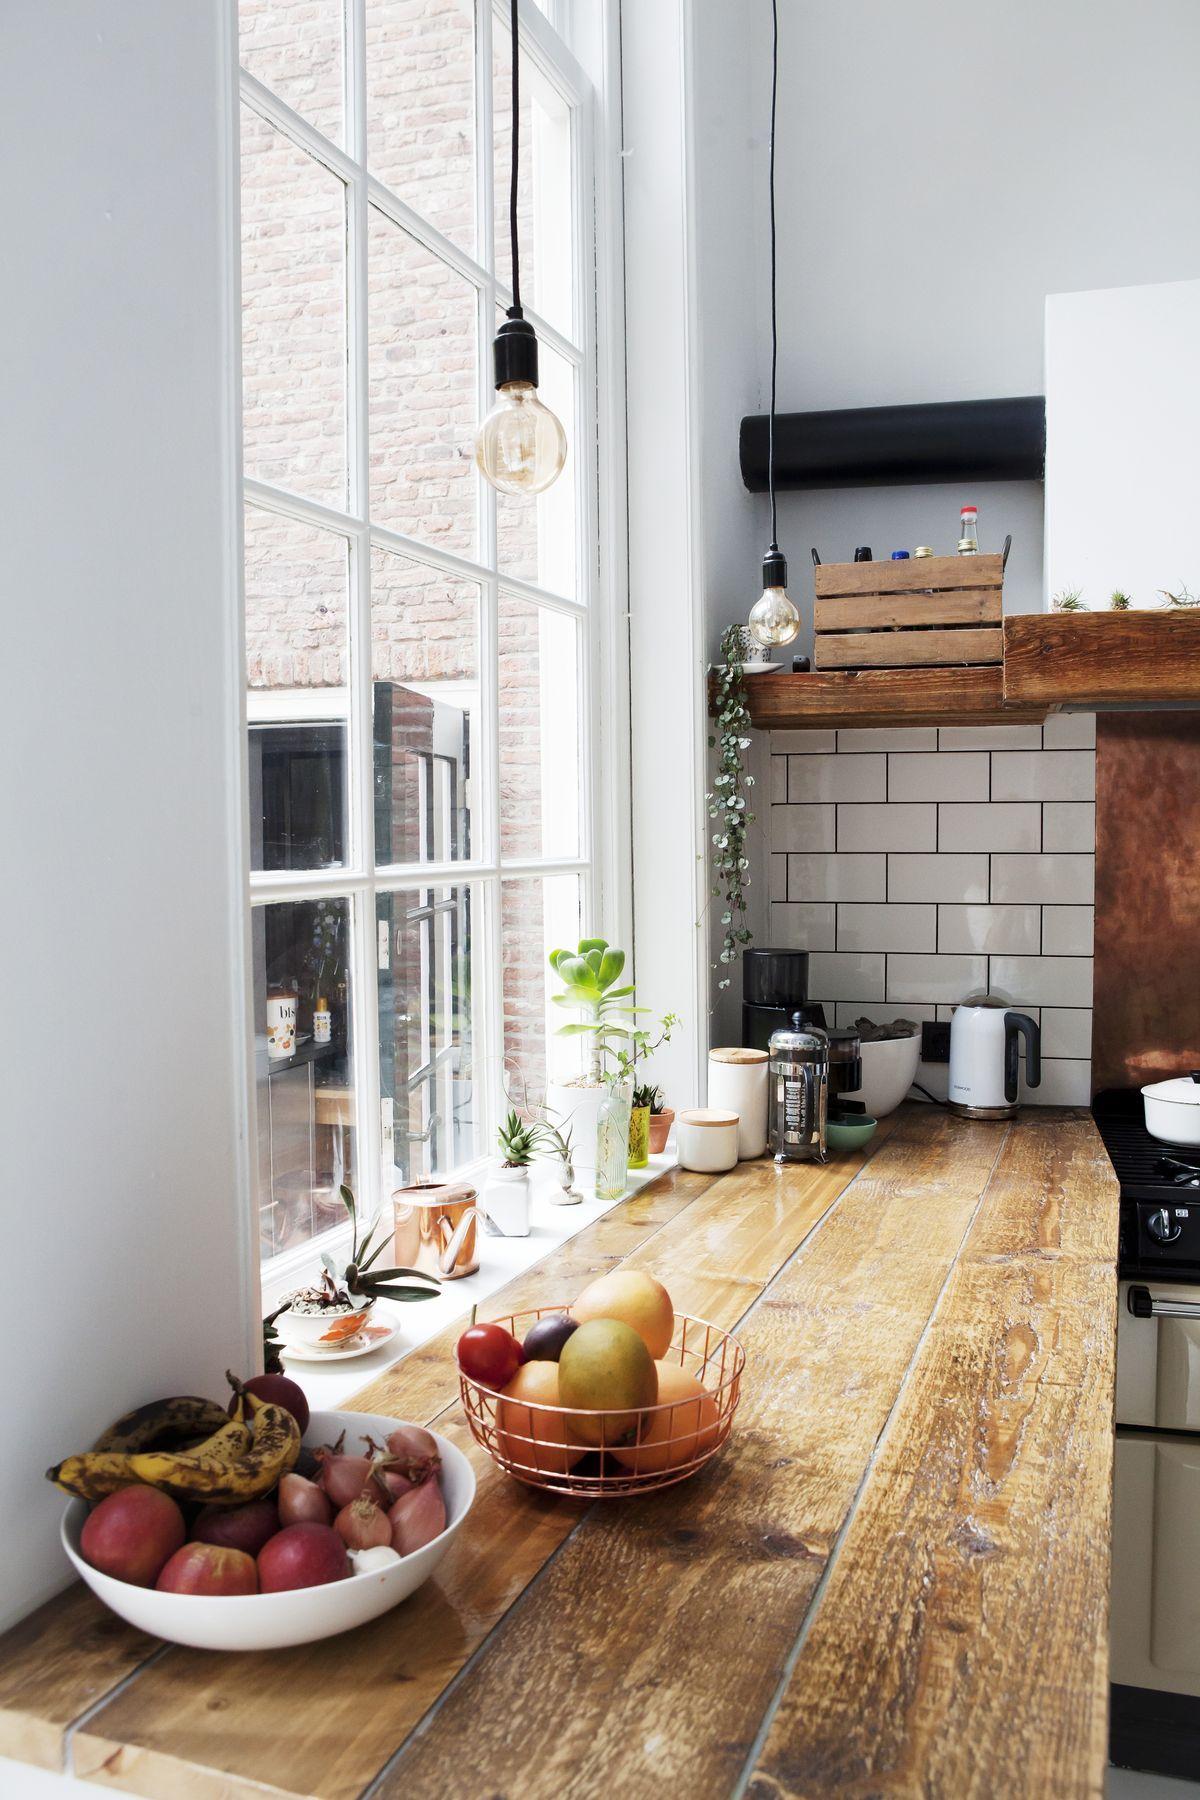 Bfffbeaedg pixels kitchen